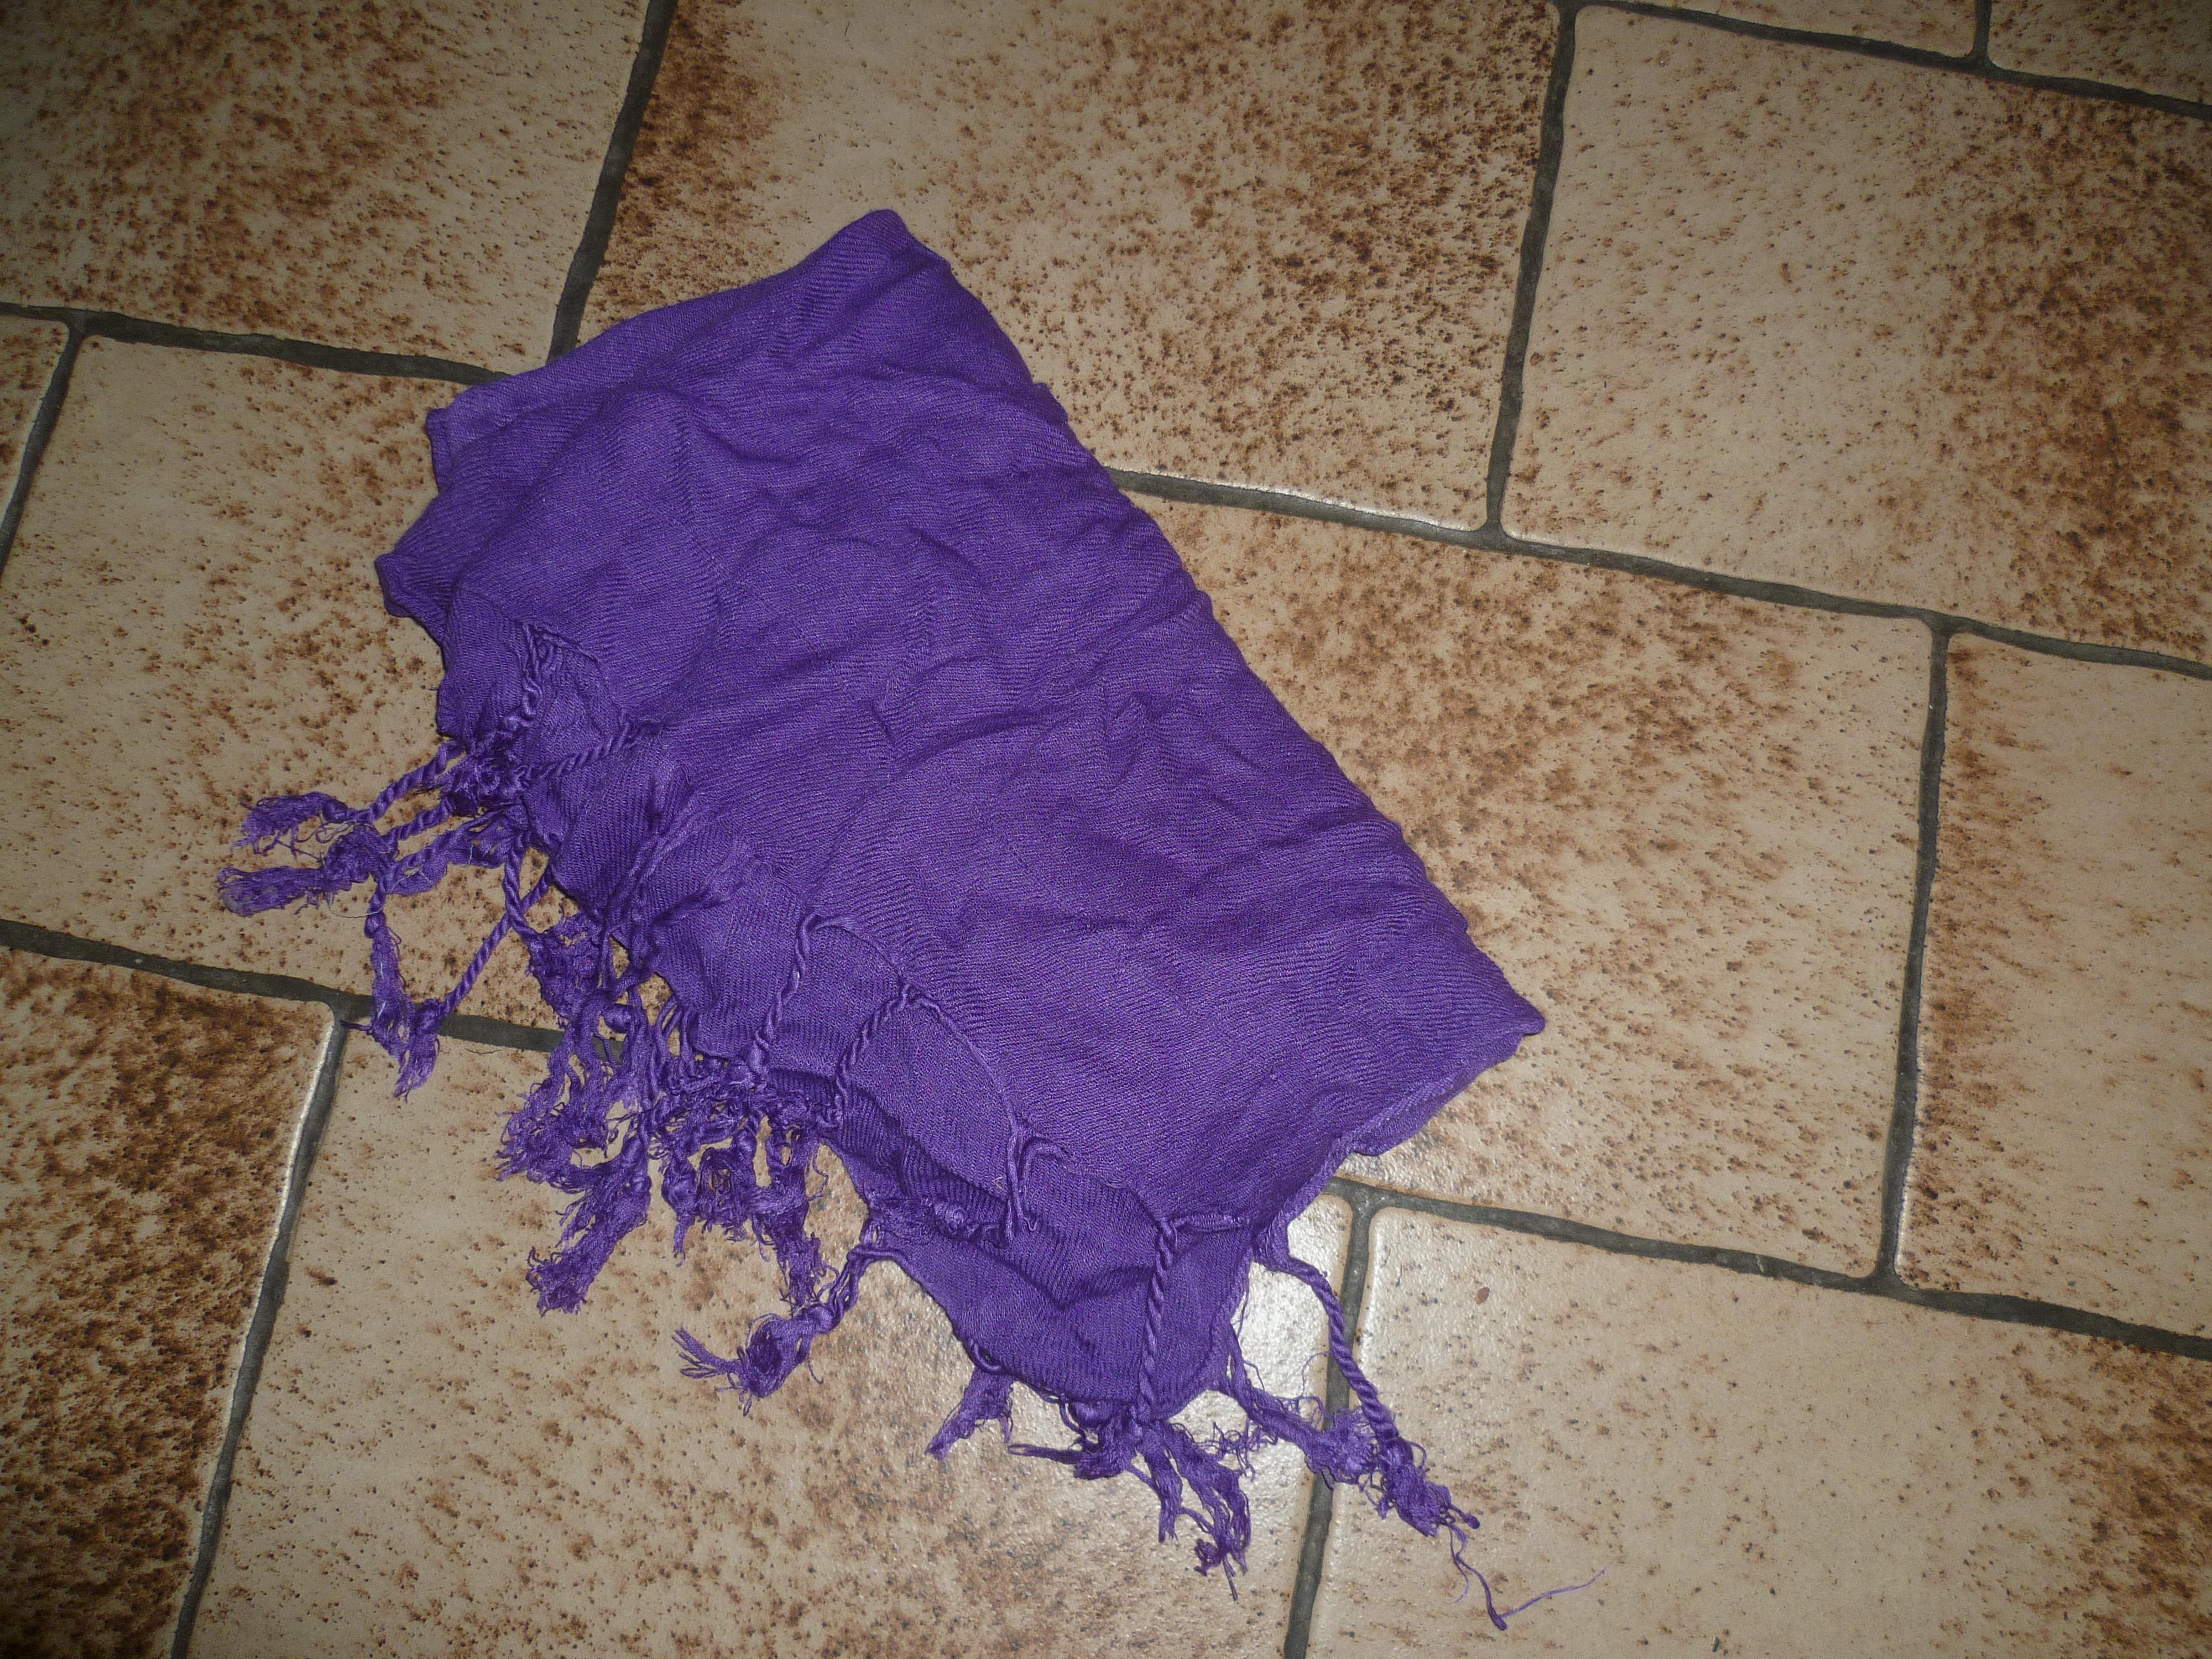 troc de troc reserve - grande étole violette image 0